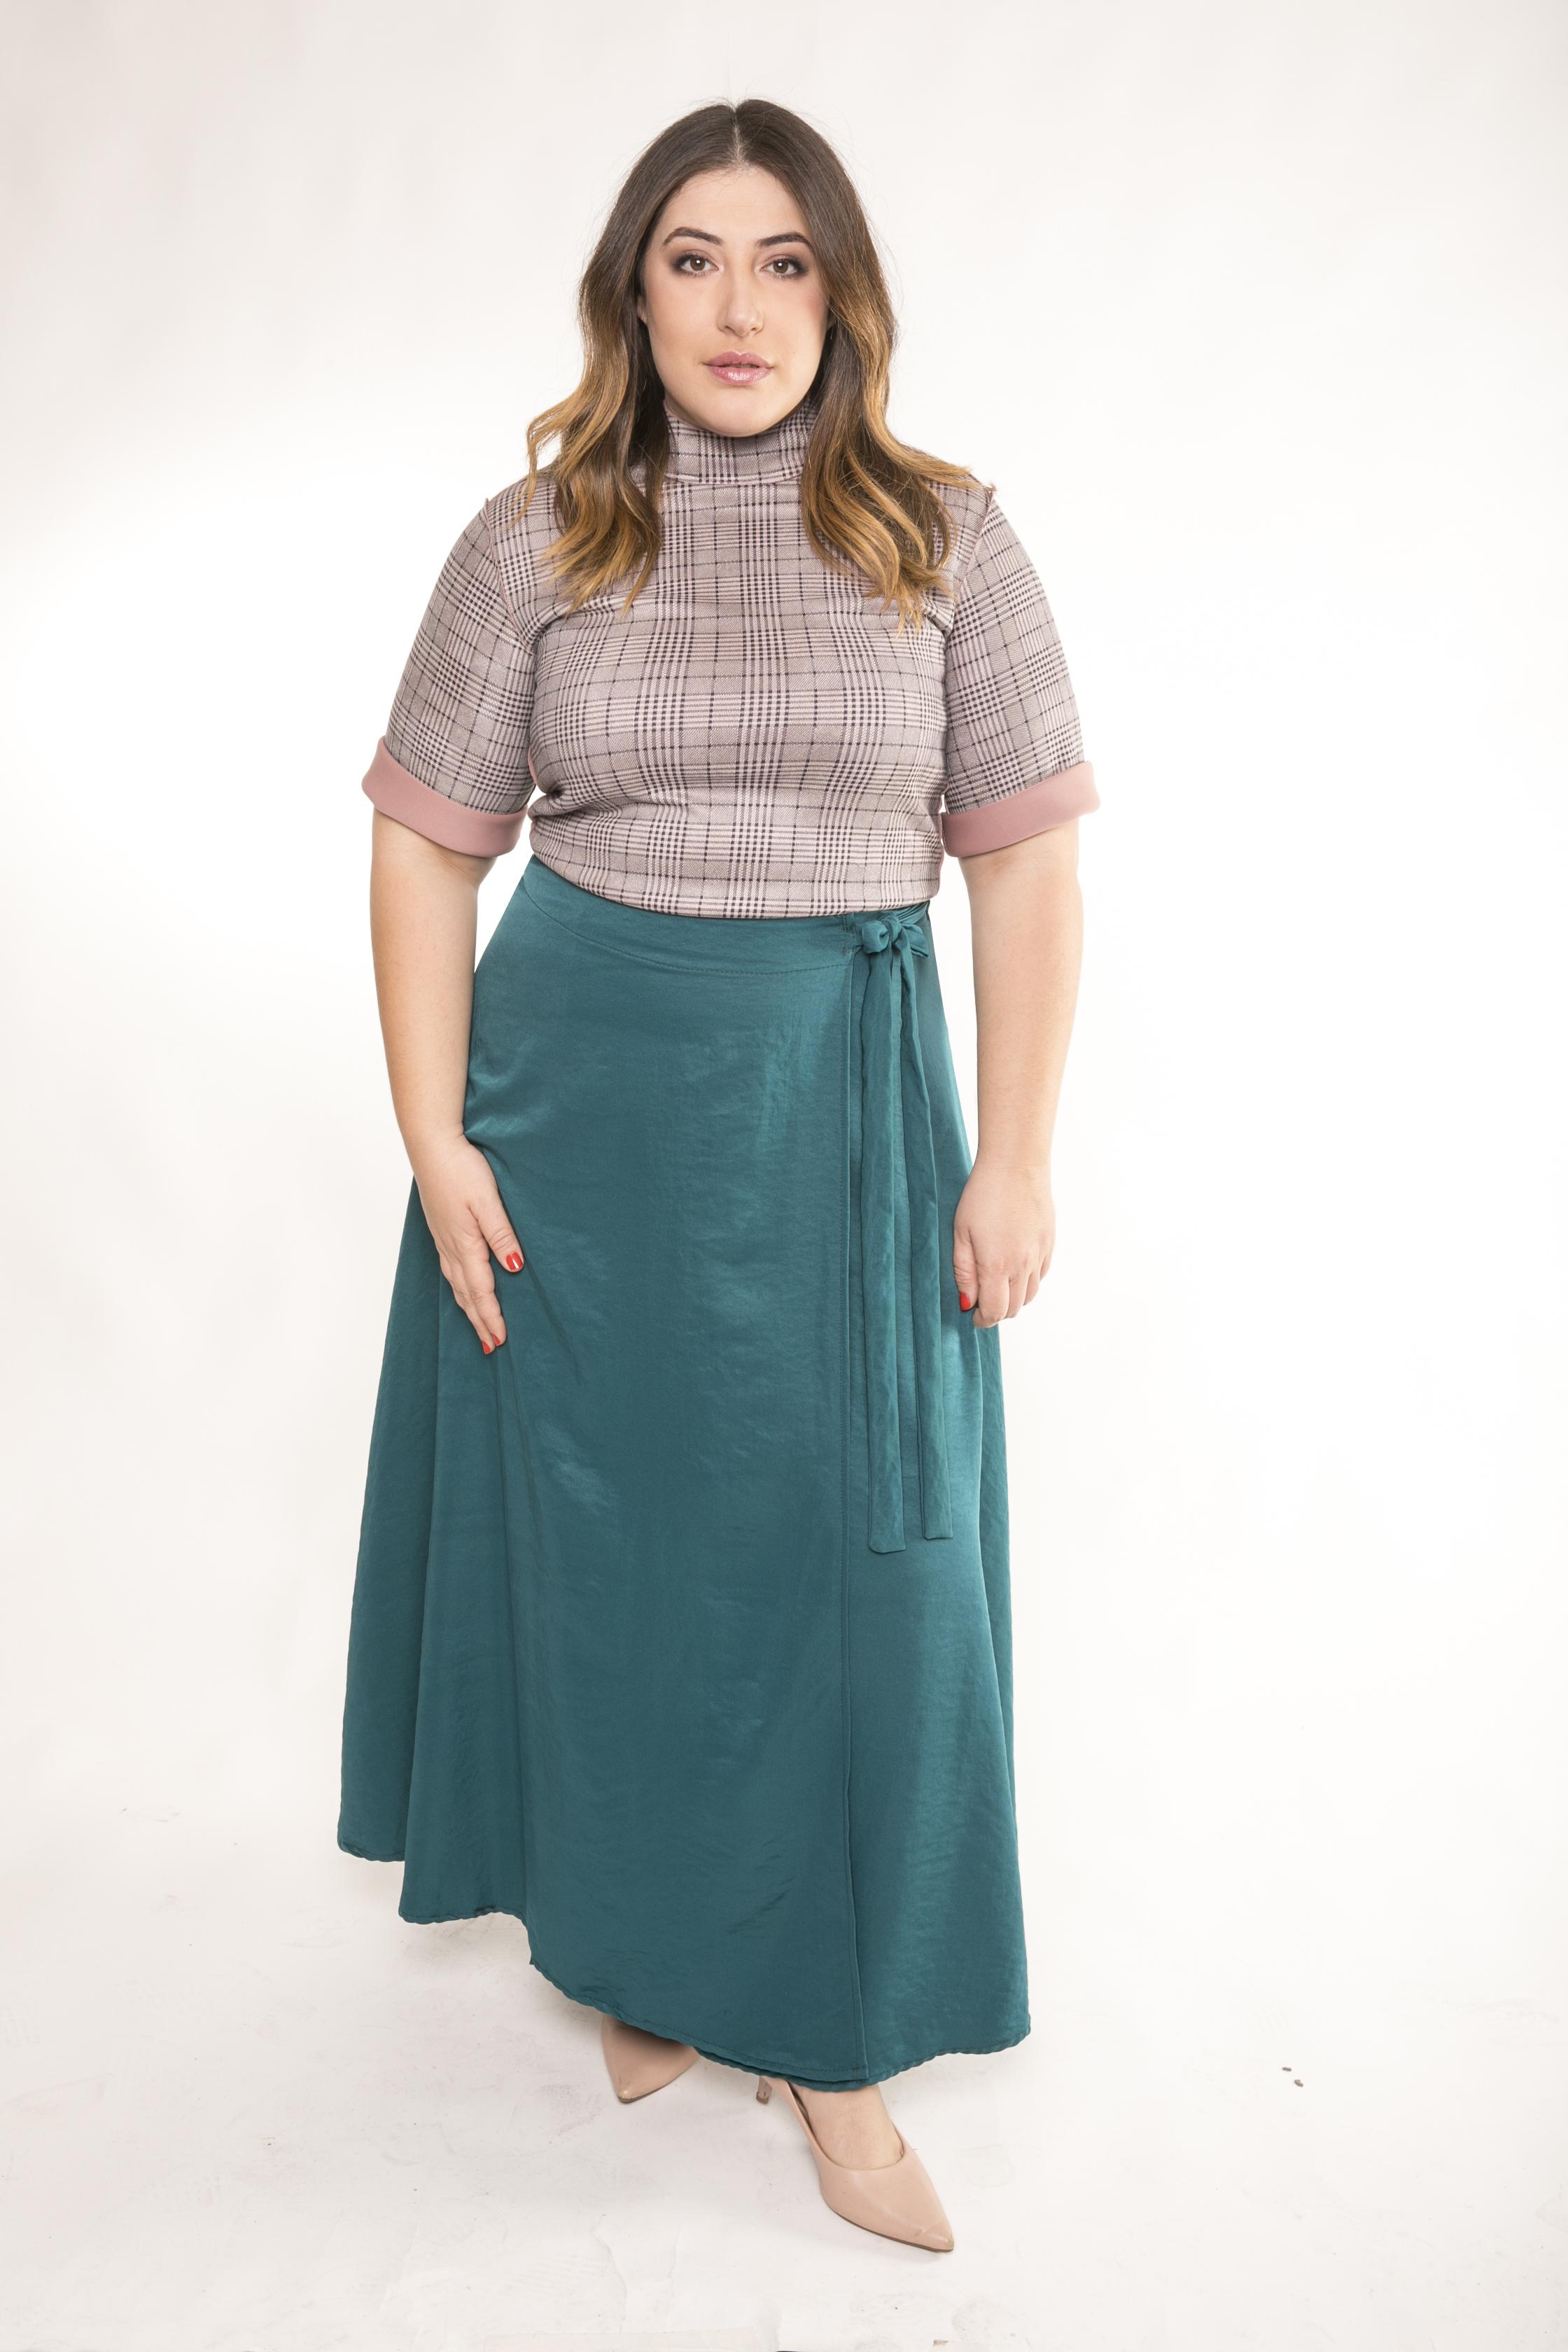 Shani Klein + Queen Size. Keren skirt 299 Ils. Photo Shai Neiburg (5).jpg